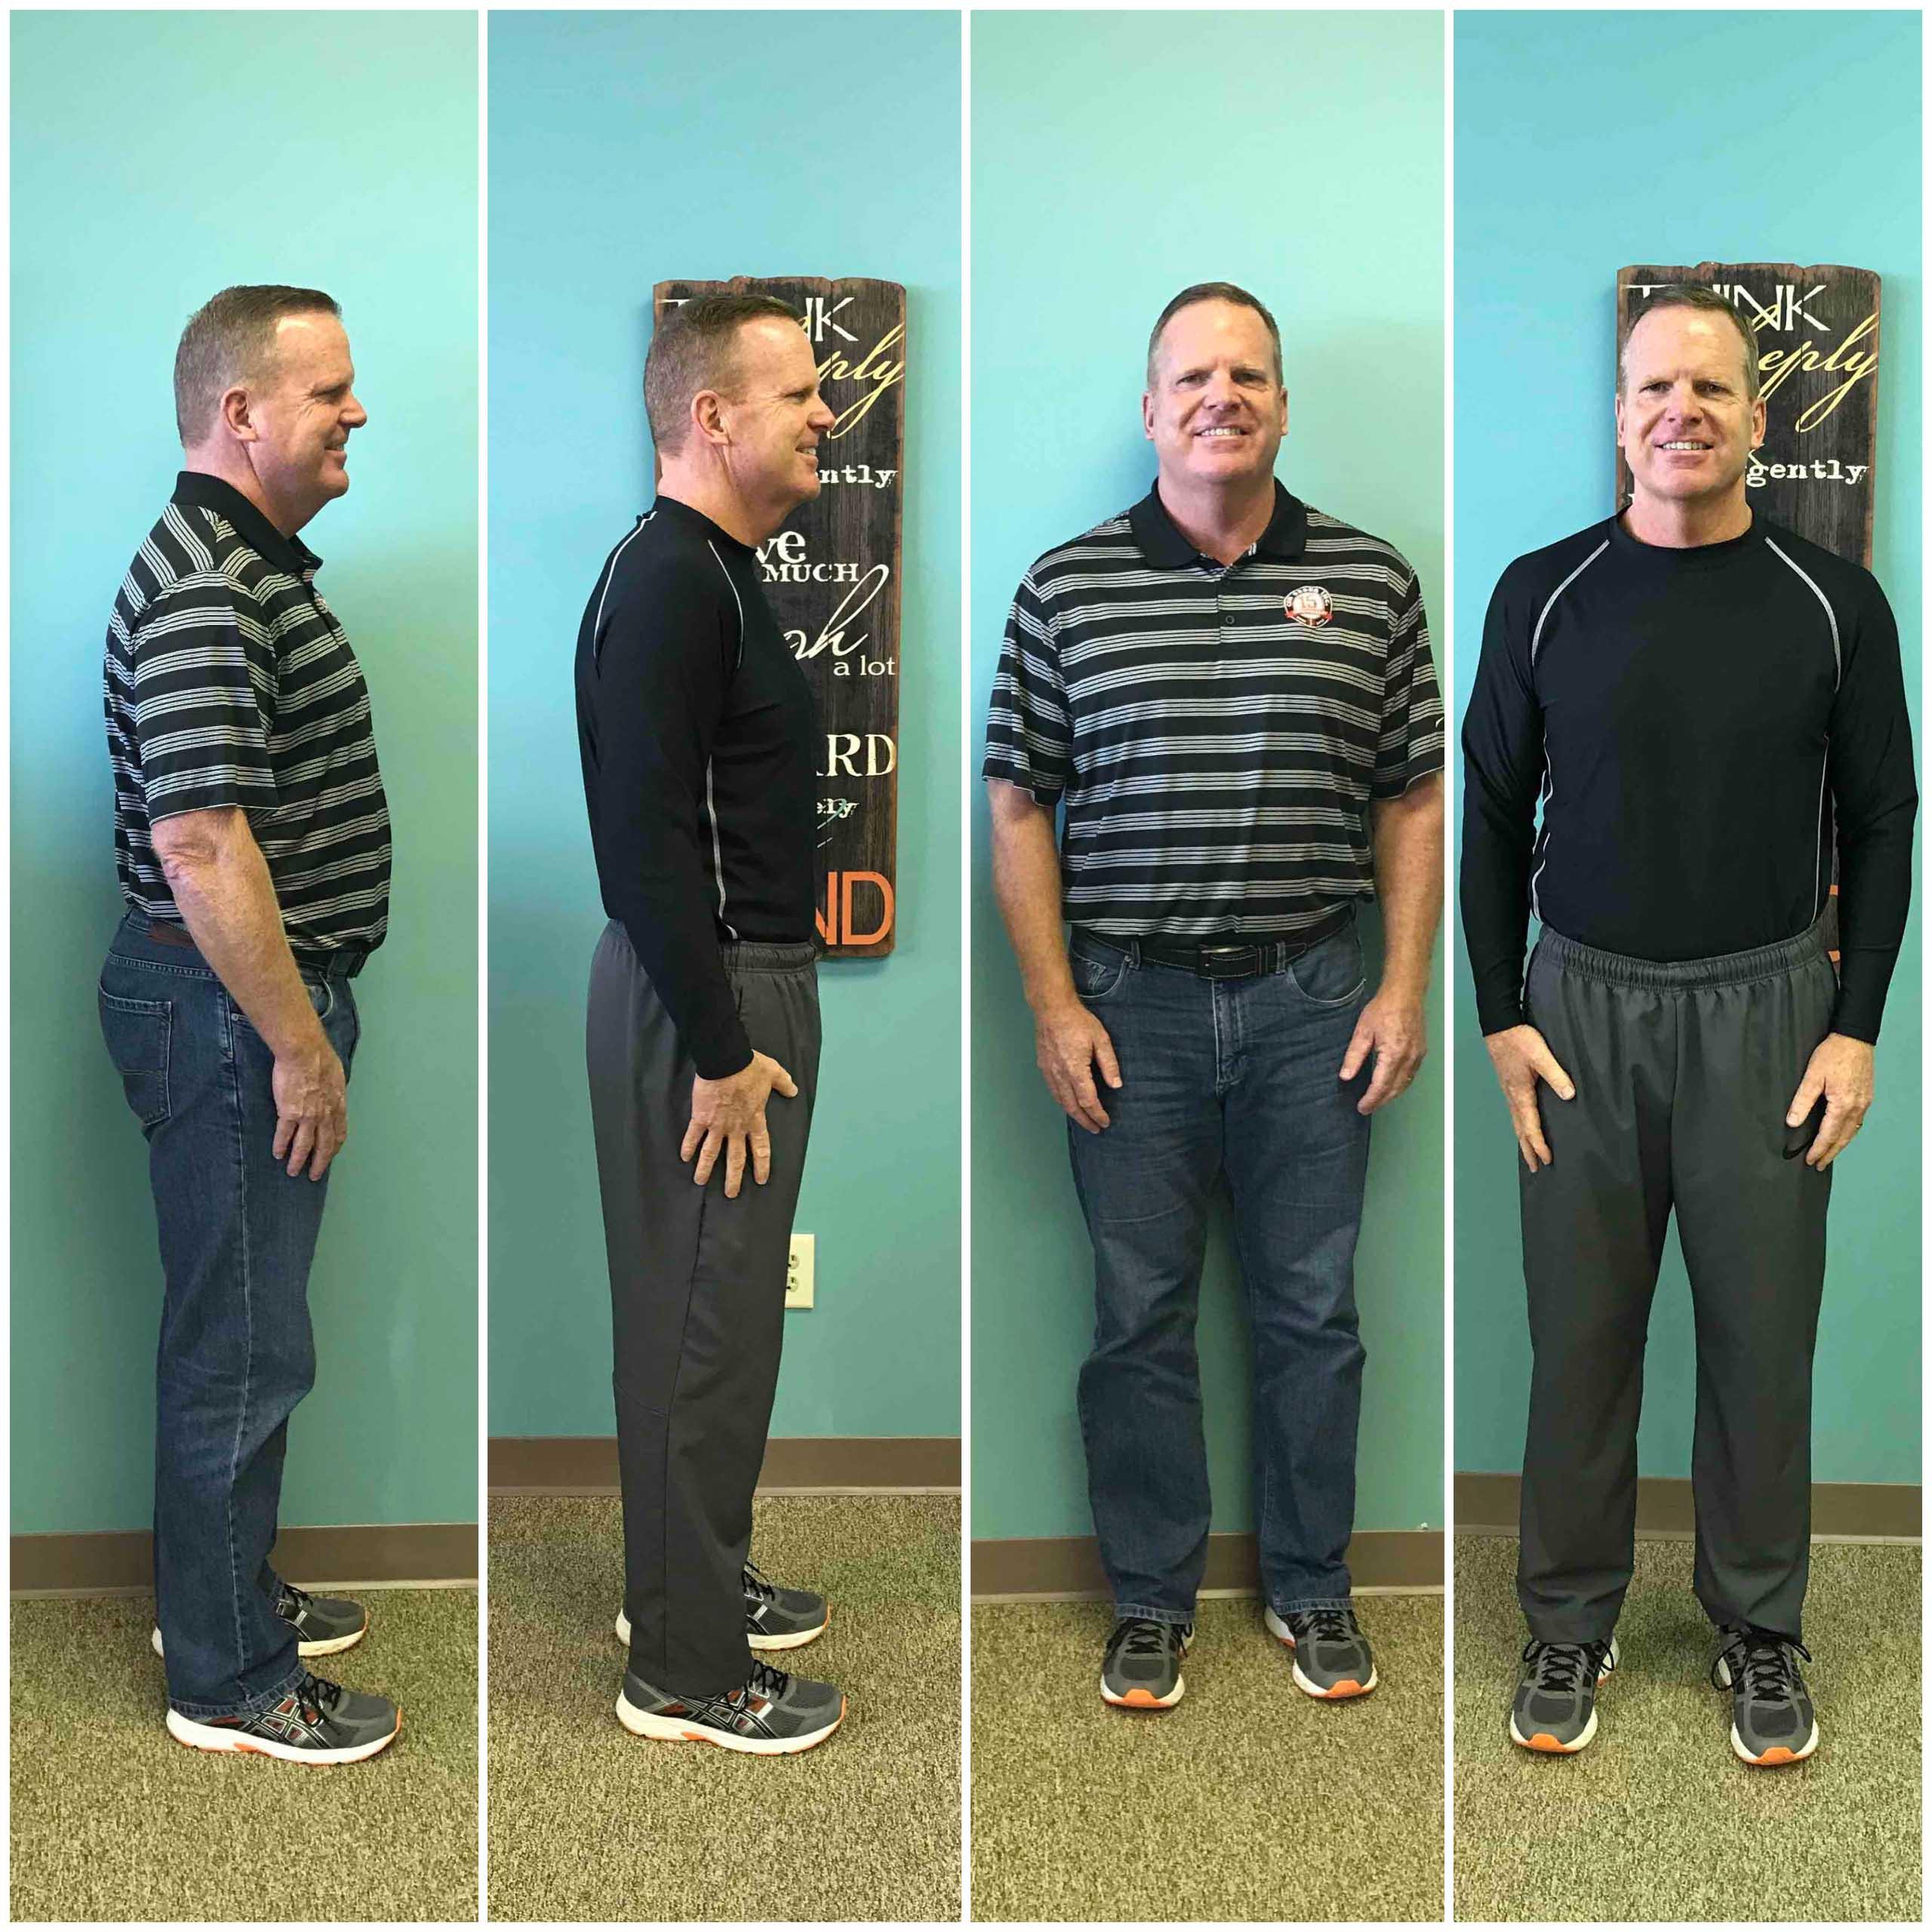 The Weight Loss Program Awaken180 Weightloss